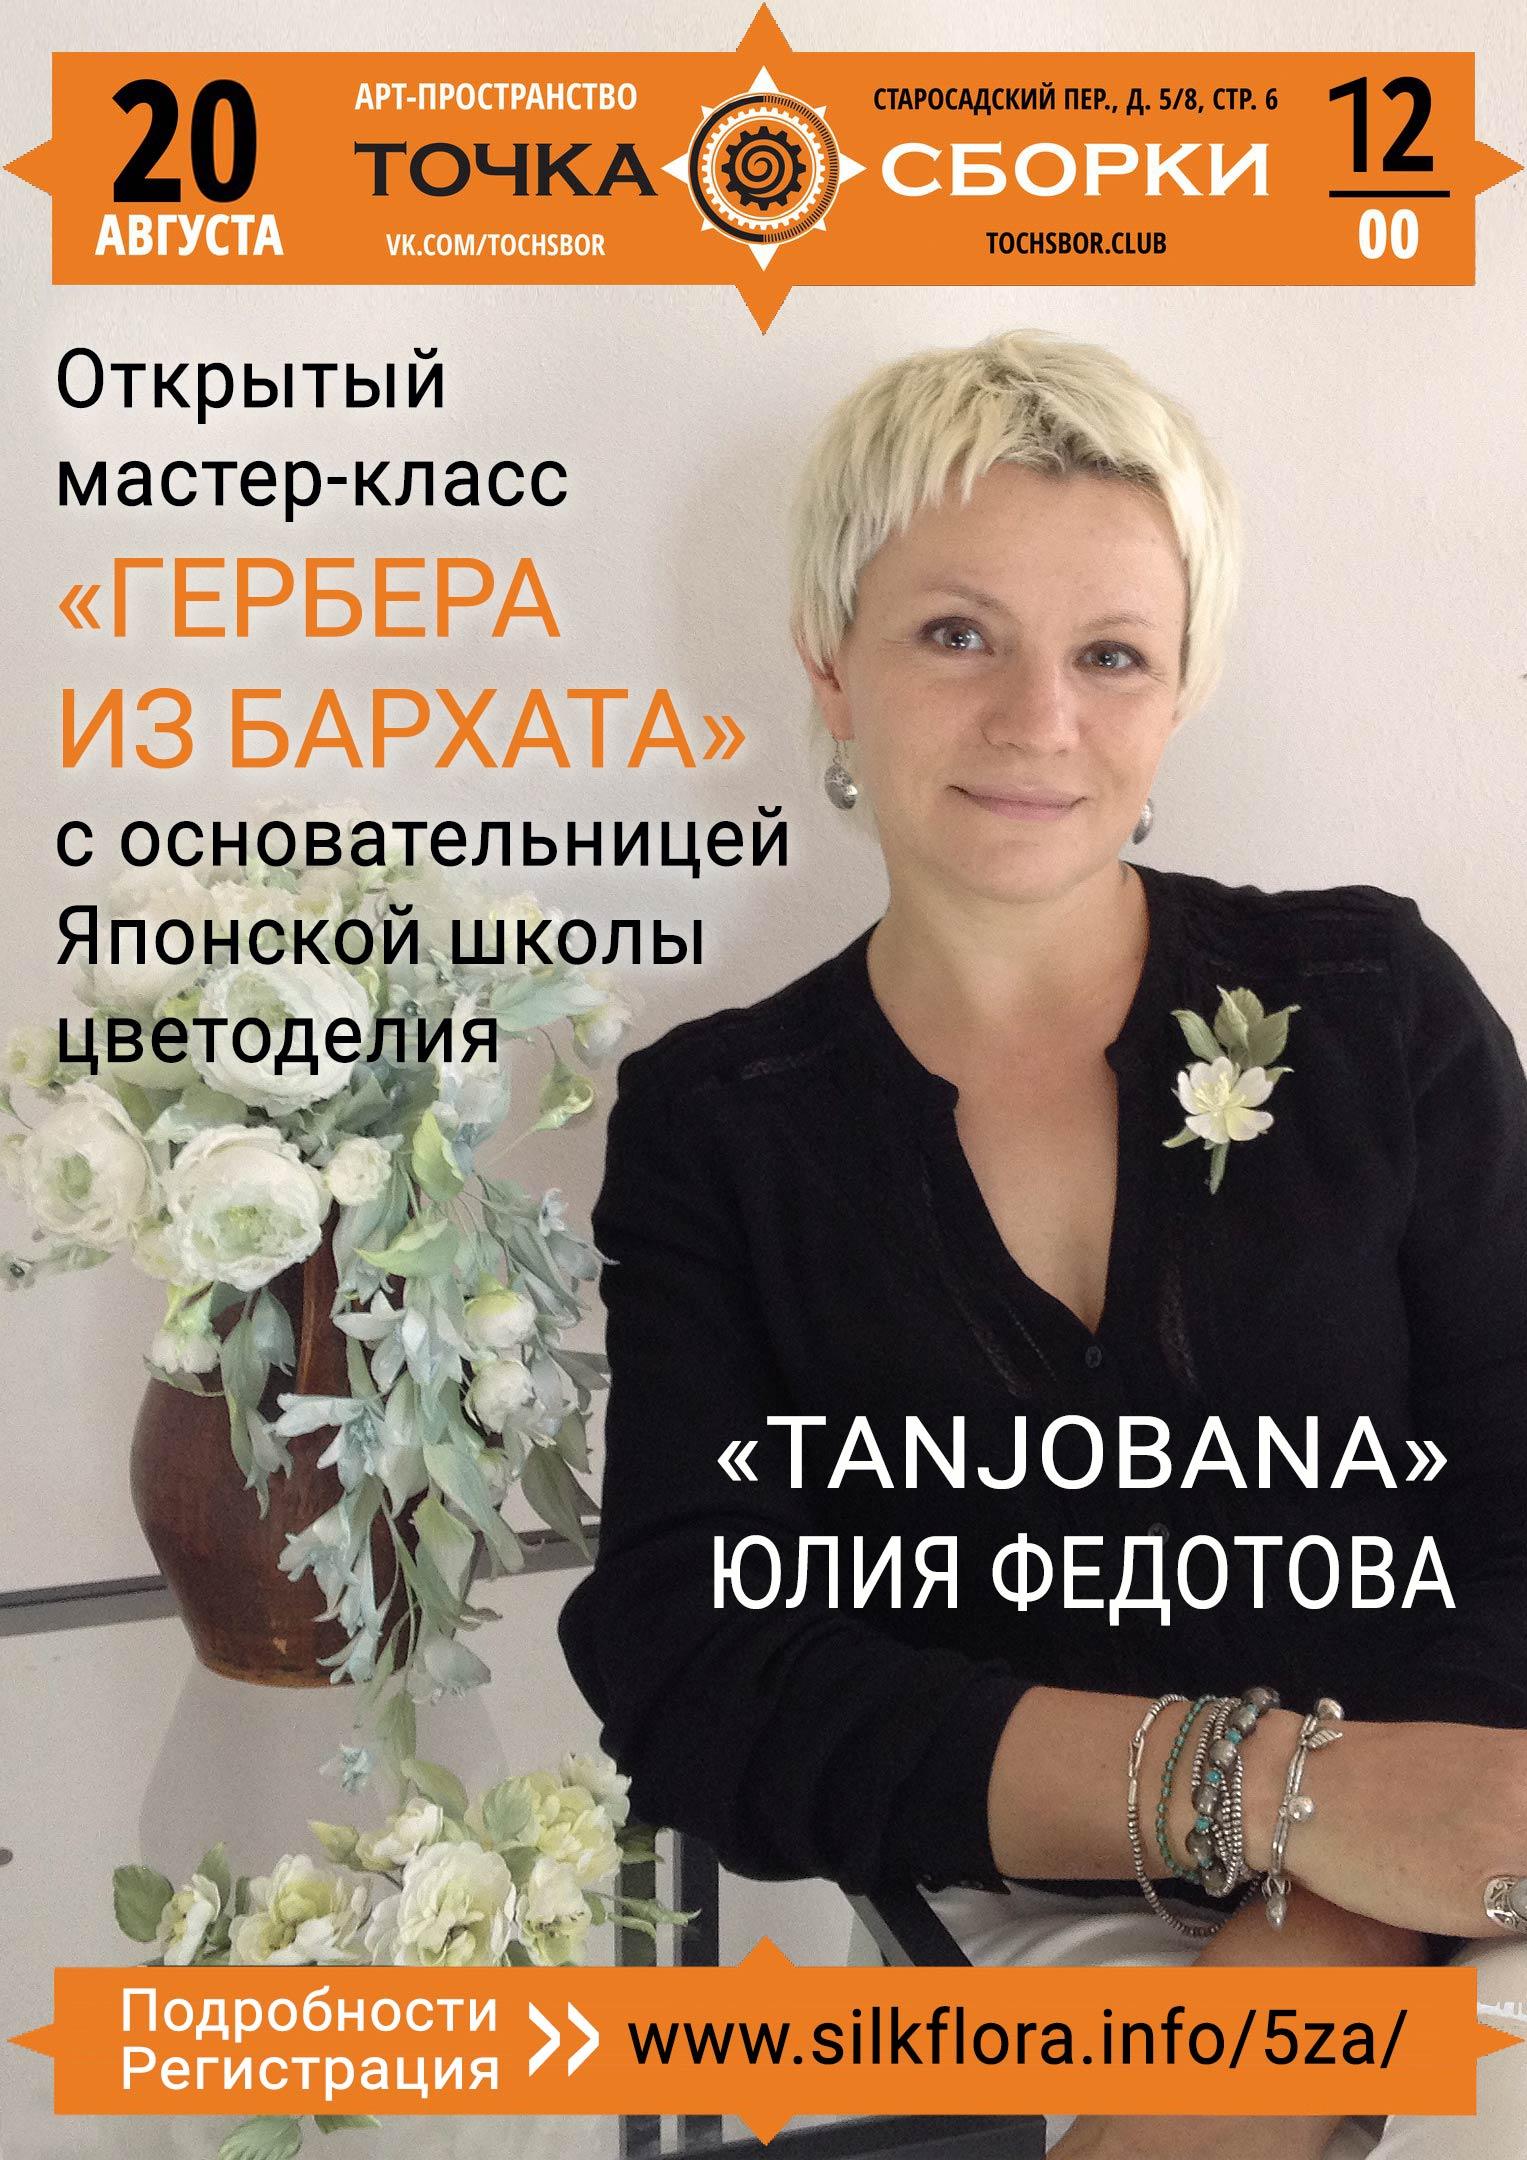 Открытый, очный мастер-класс Юлии Федотовой — «Гербера из бархата в технике Tanjobana»